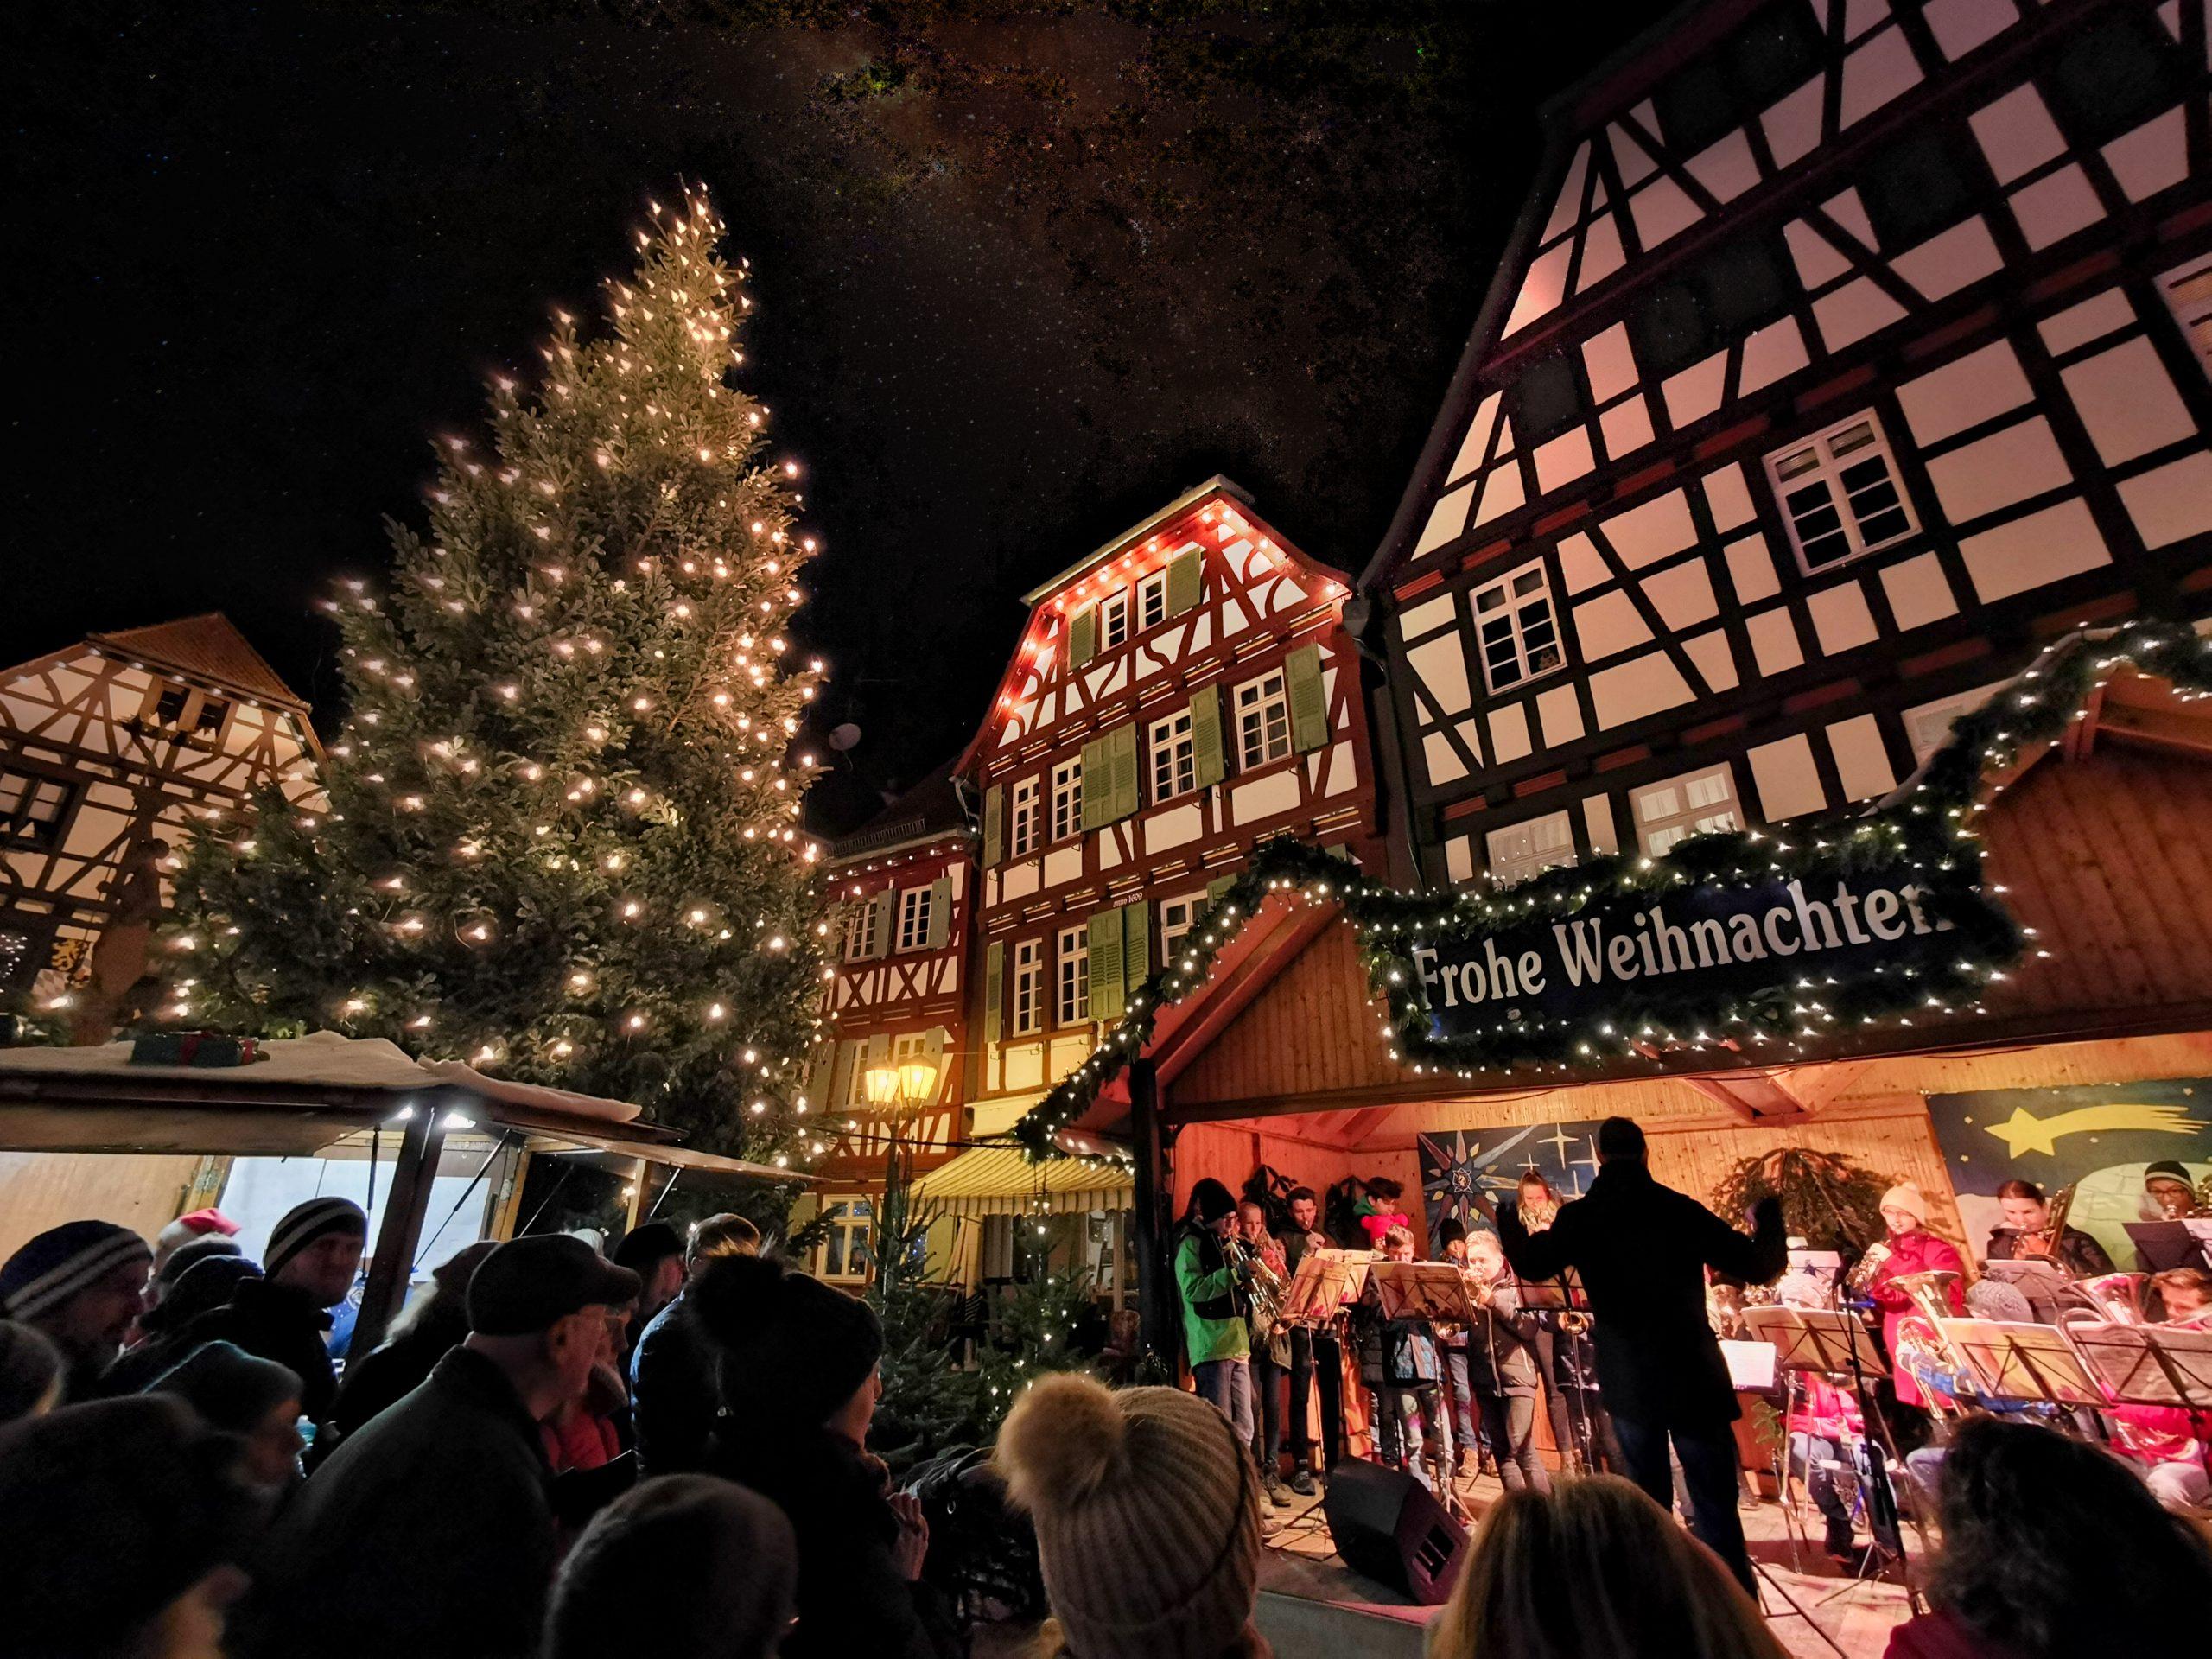 Weihnachtsmarkt Bretten - Hermann Fischer